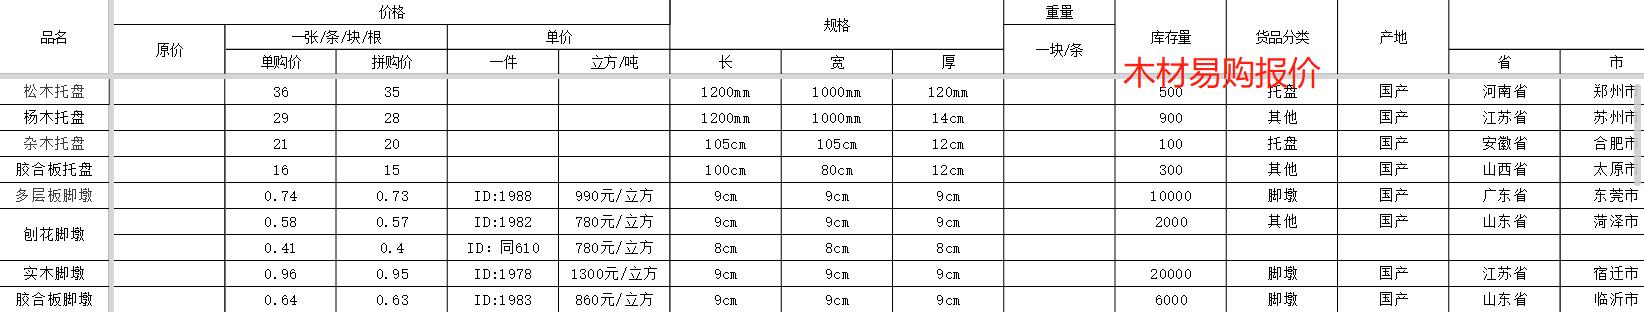 2020年11月27日最新木材报价!.png